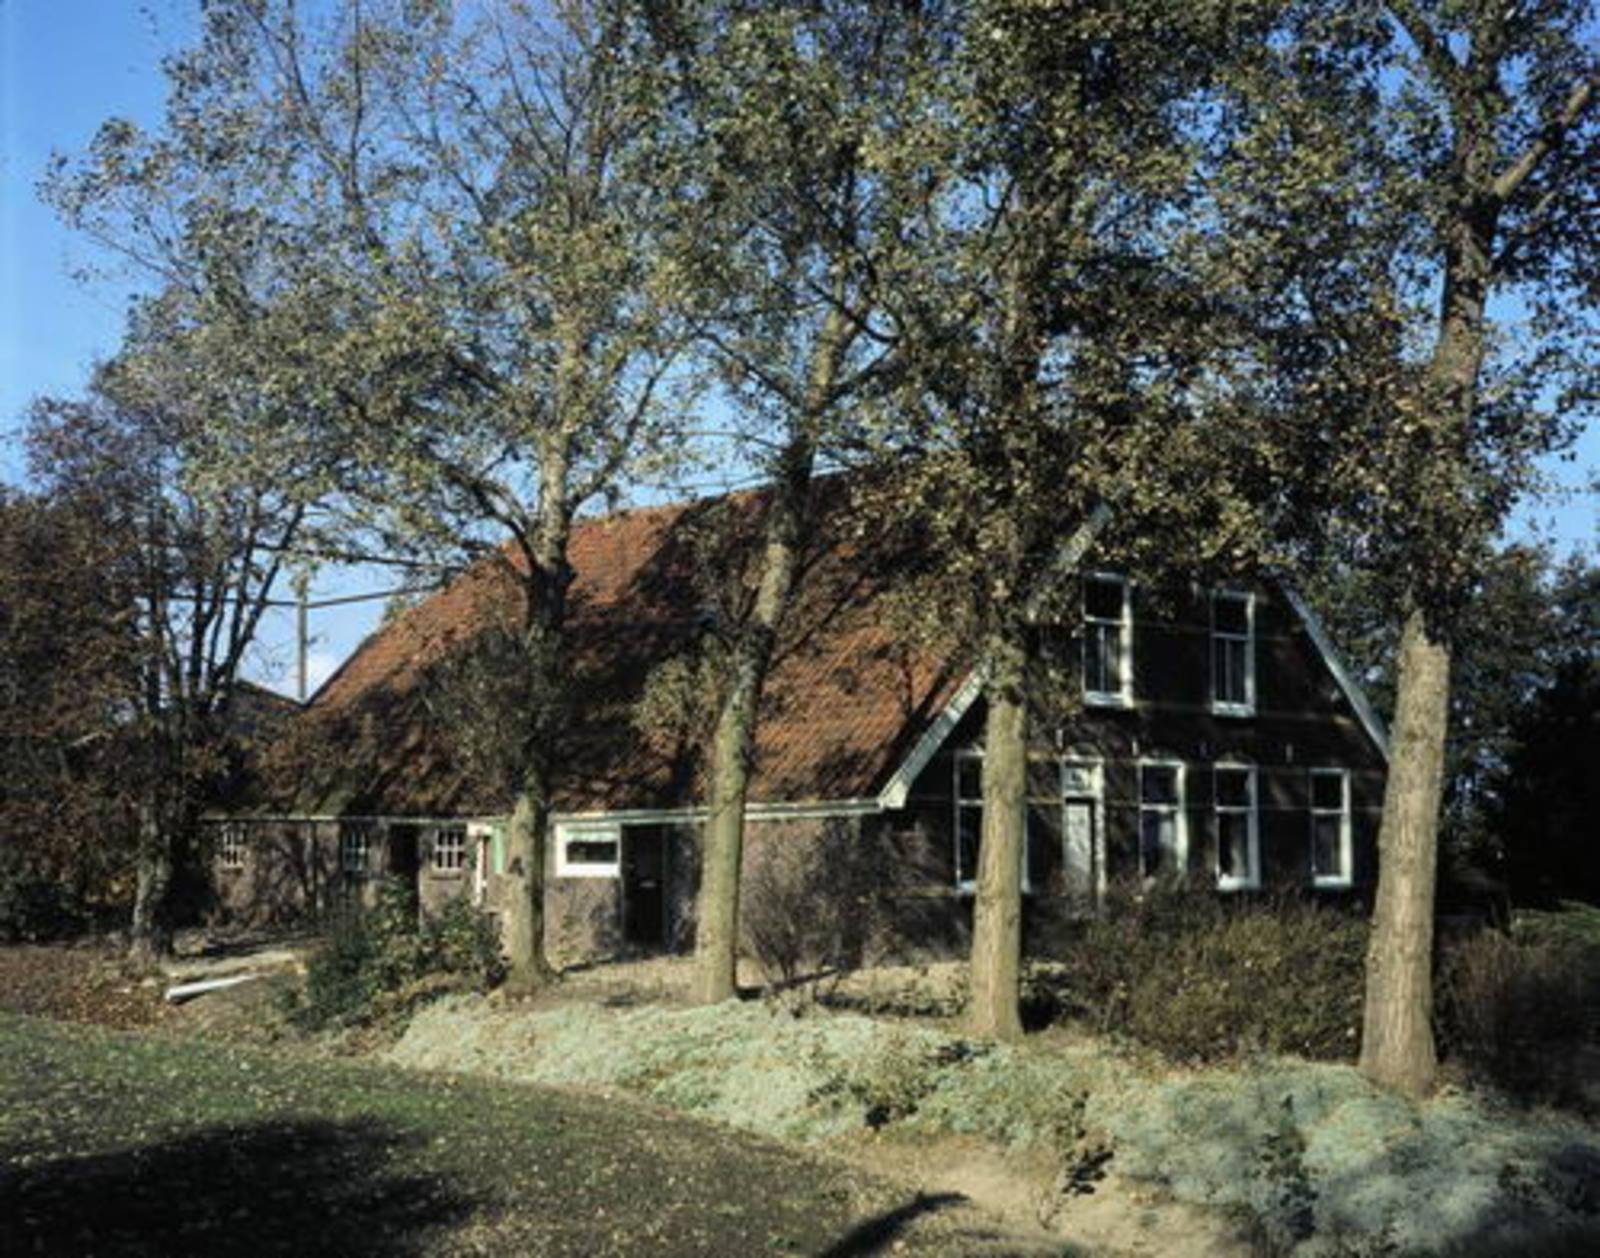 Boerderij Onbekend 1980 Rijnlanderweg img056_2